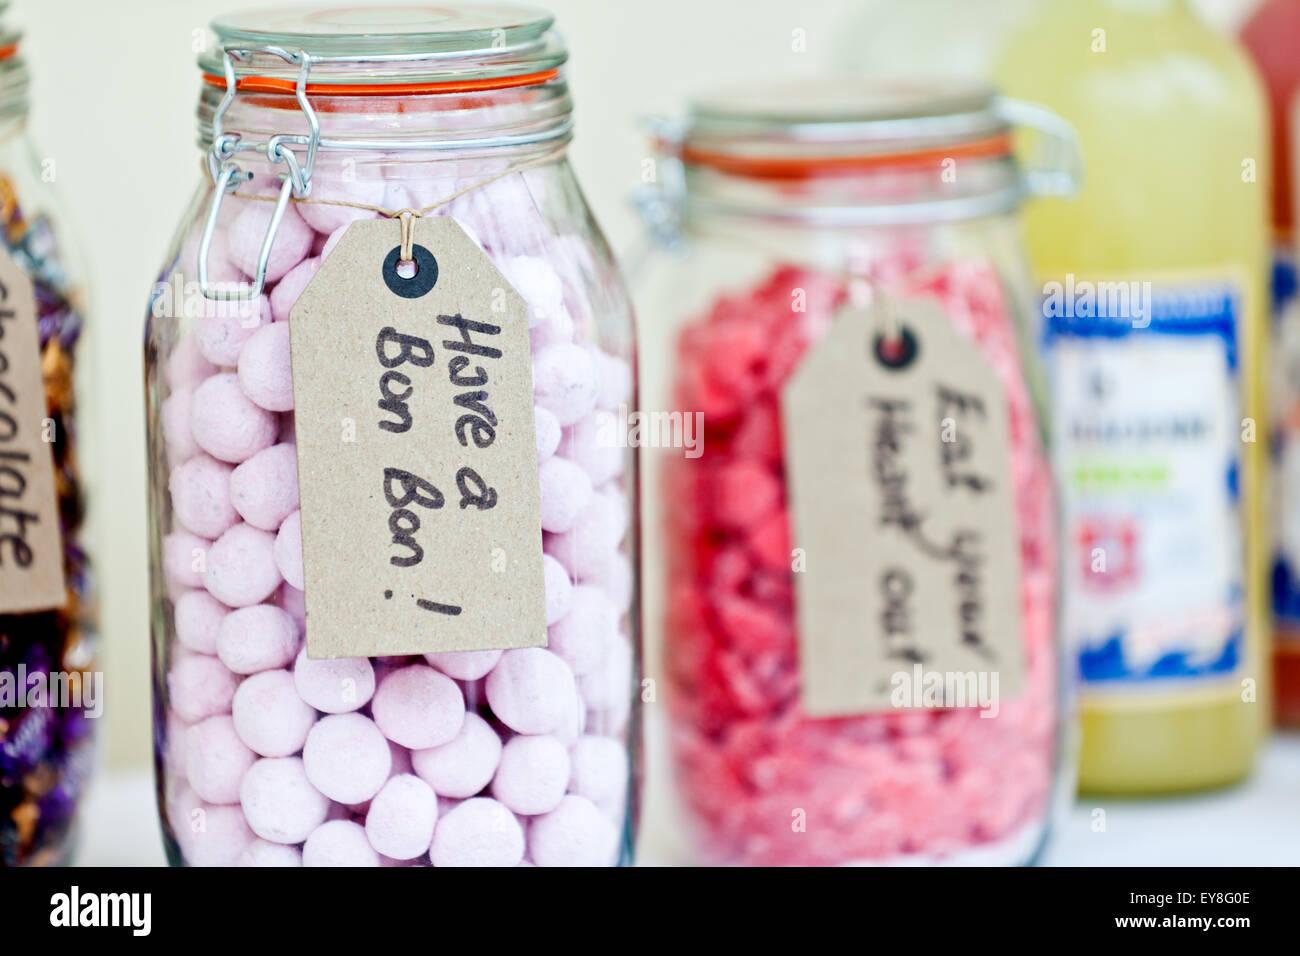 Verschiedene Bonbons in Gläsern auf einem Tisch in einem Hochzeitsempfang angeordnet. Die trweats gehören Stockbild